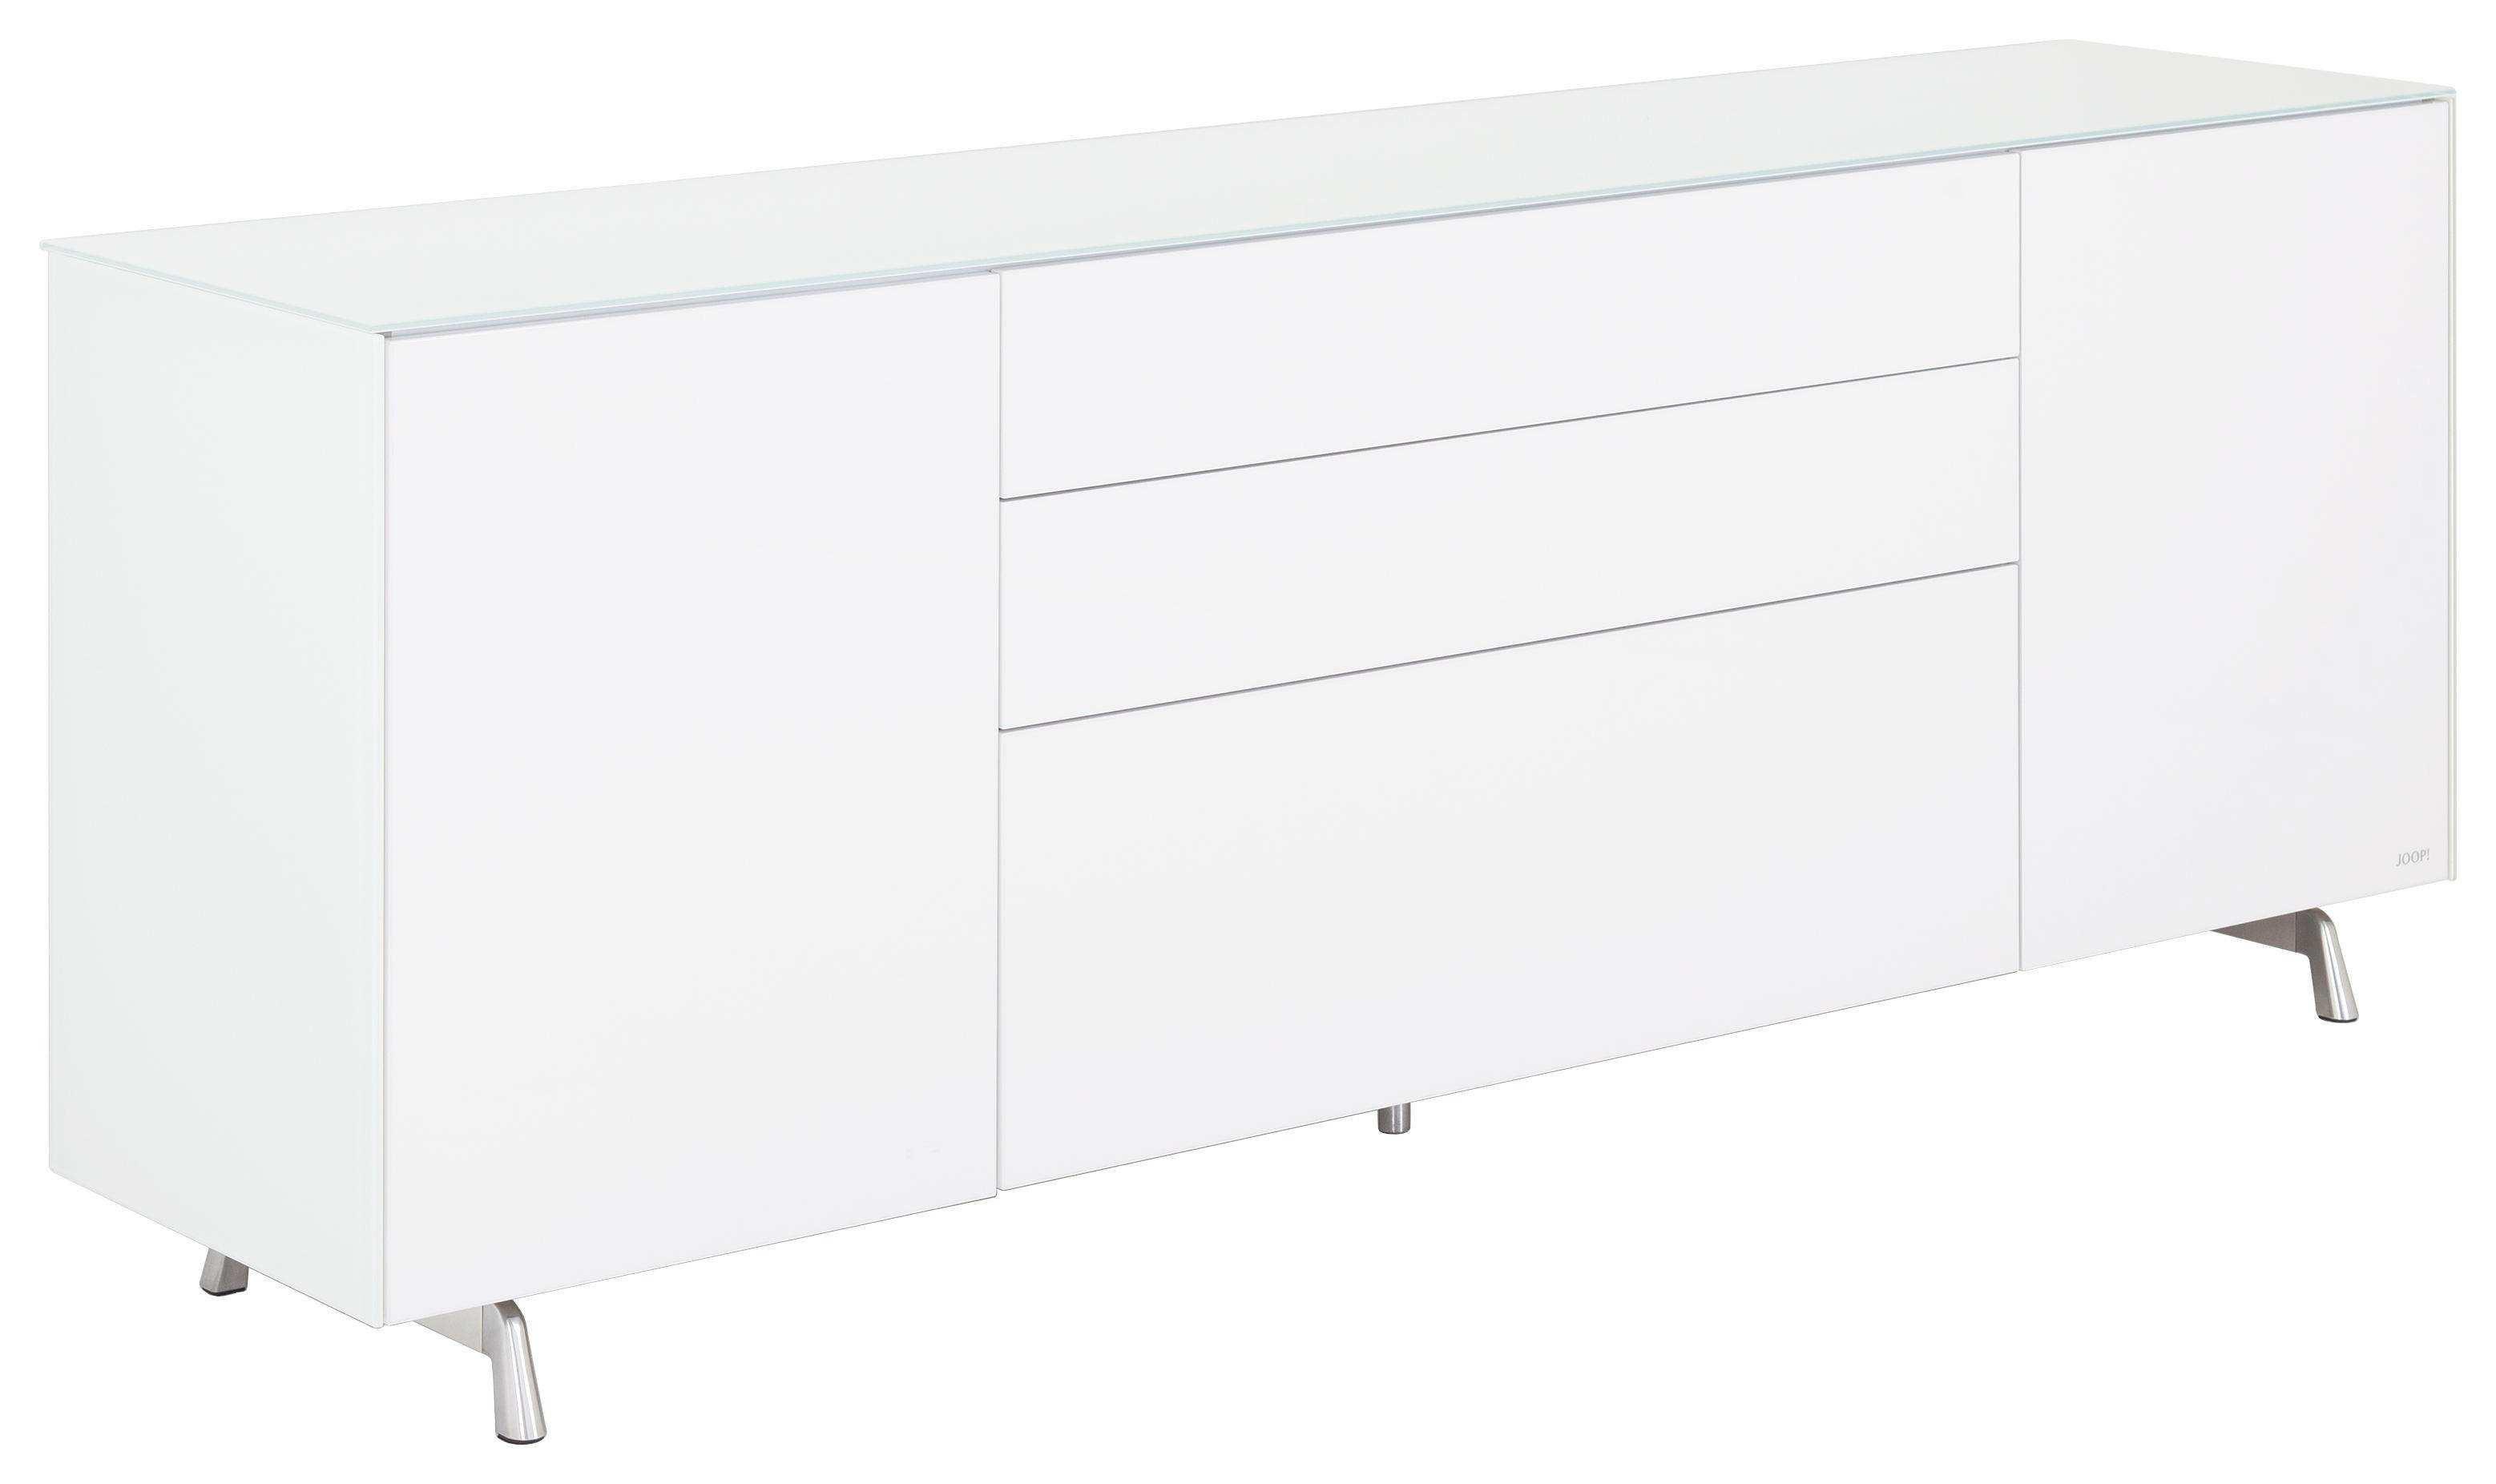 Wohnzimmer Ikea Sideboard Weiß